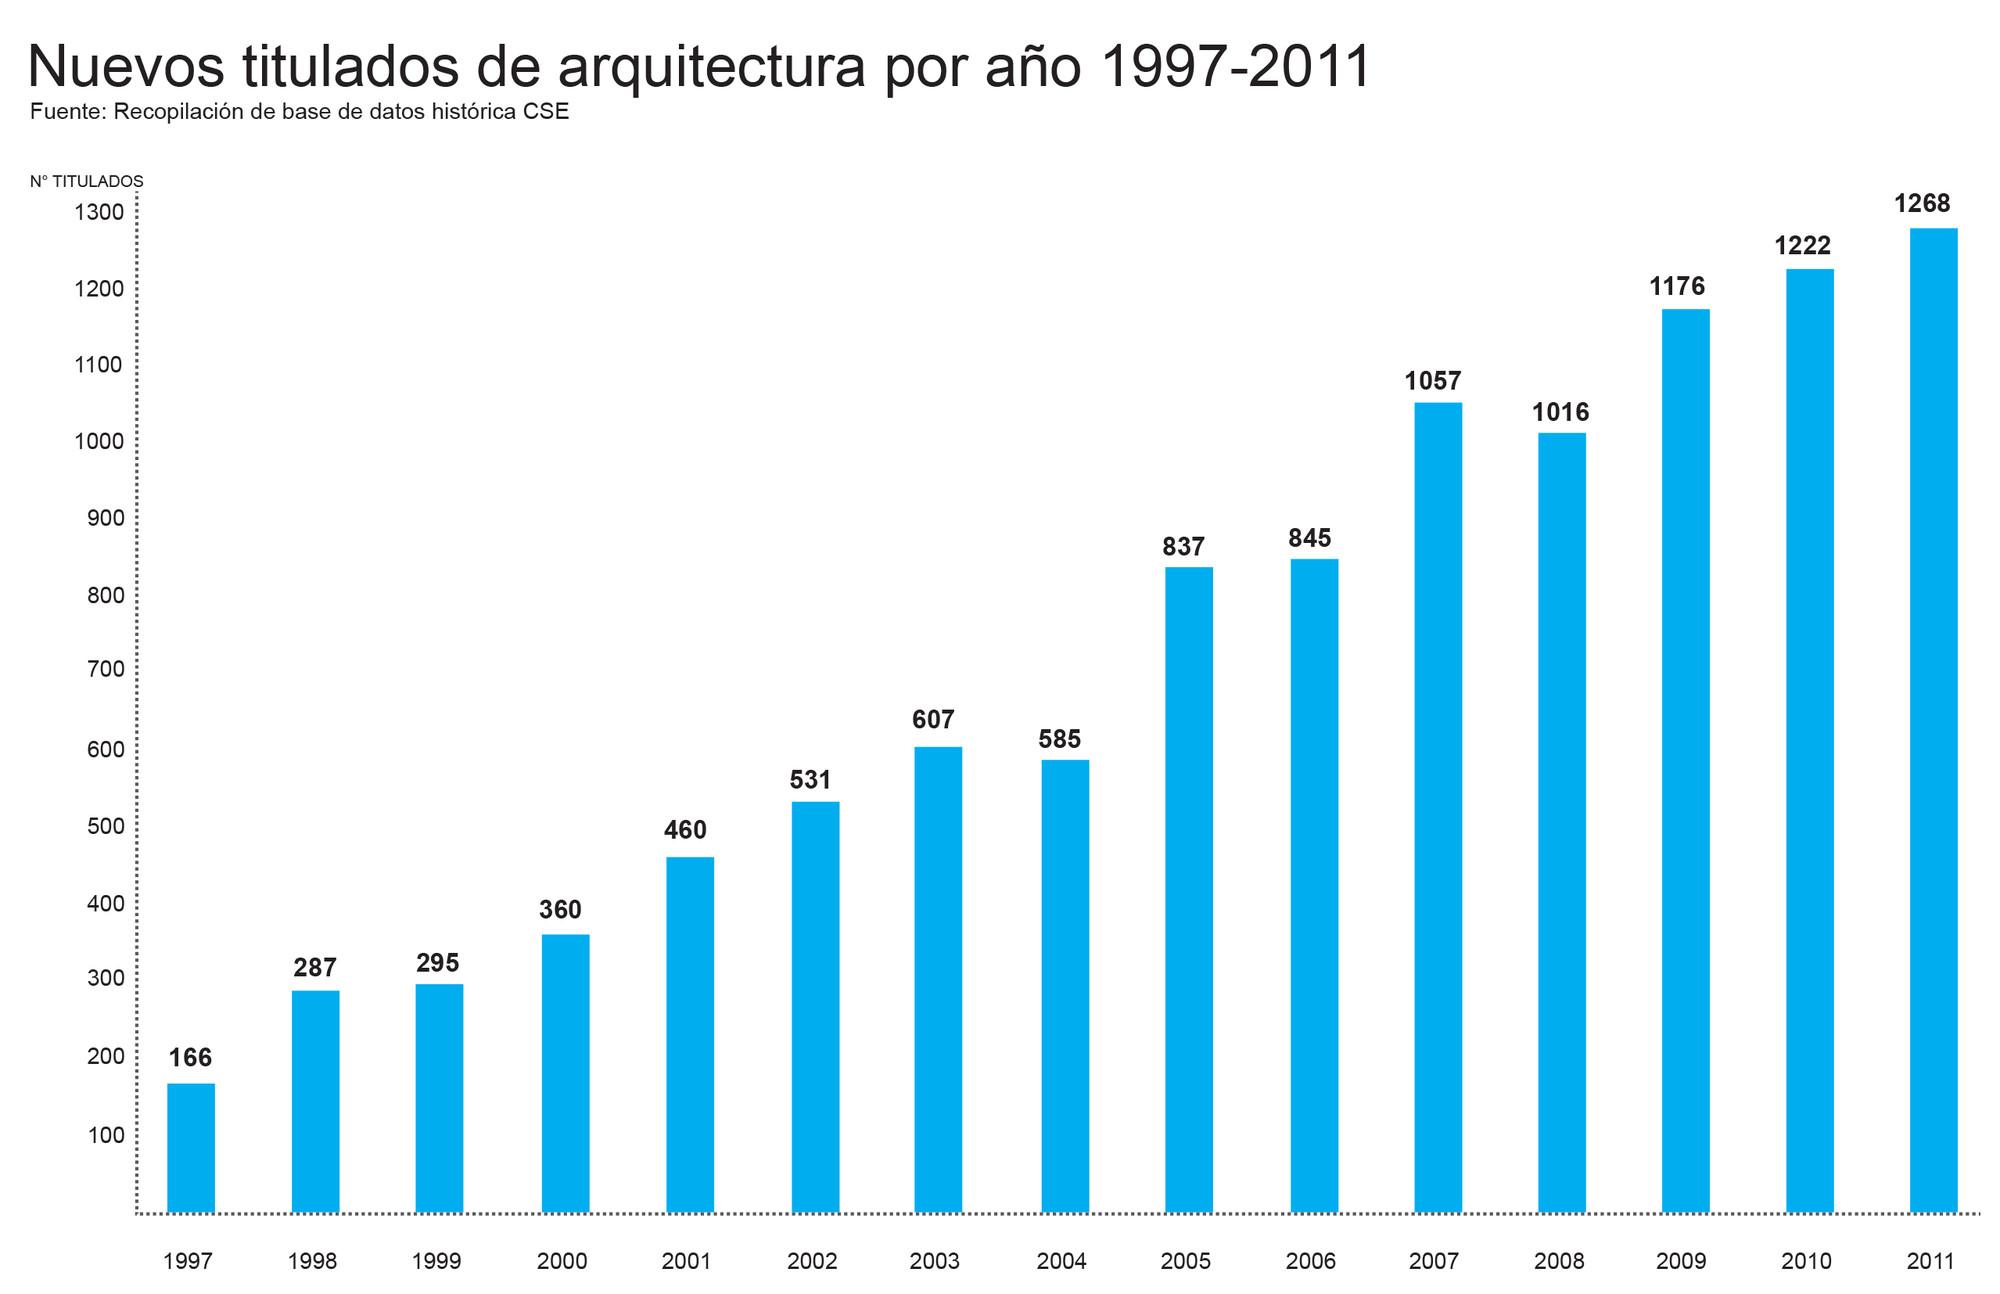 Arquitectos titulados por año entre 1997 y 2011. Image Cortesia de Beatriz Coeffé